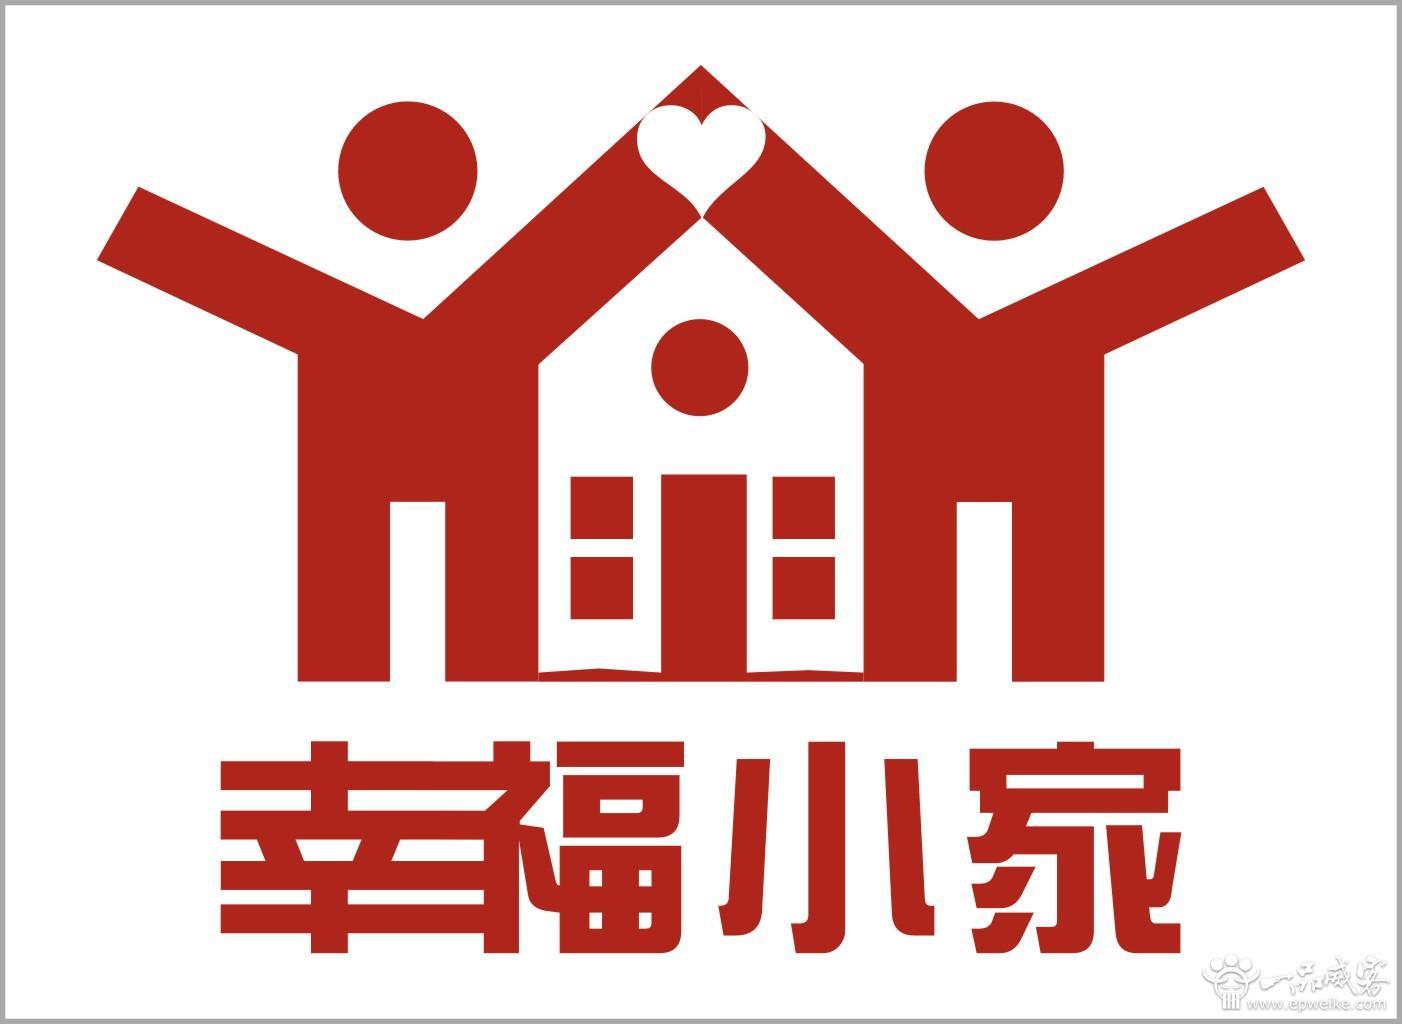 福州店铺logo设计讲究什么 福州店铺logo设计的要求